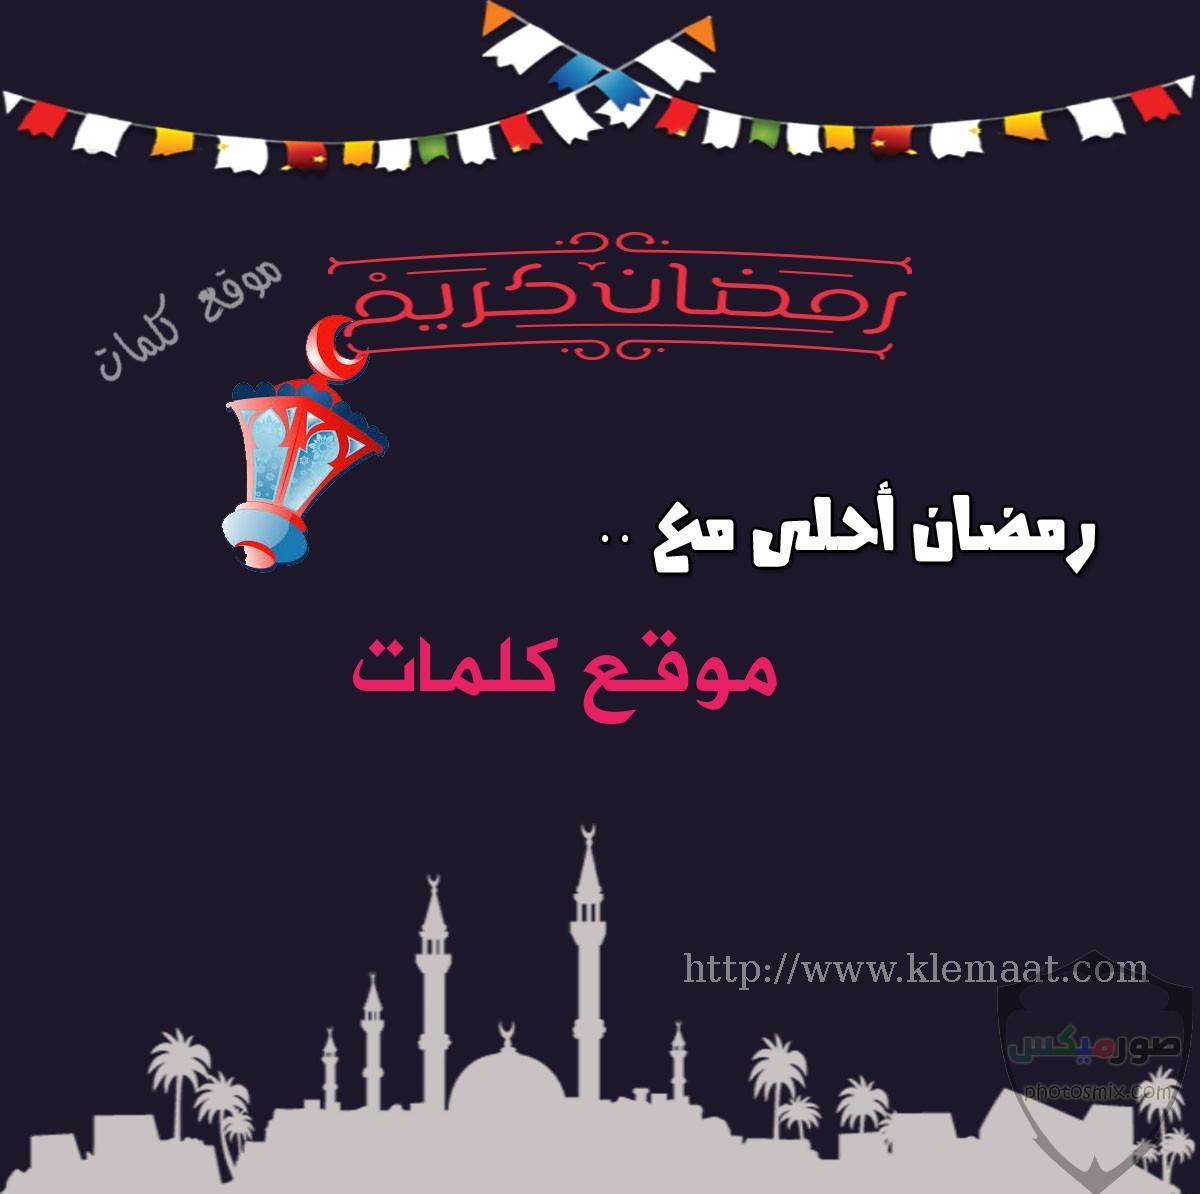 صور تهنئة رمضان 2020 رسائل بوستات حالات تهنئة برمضان 17